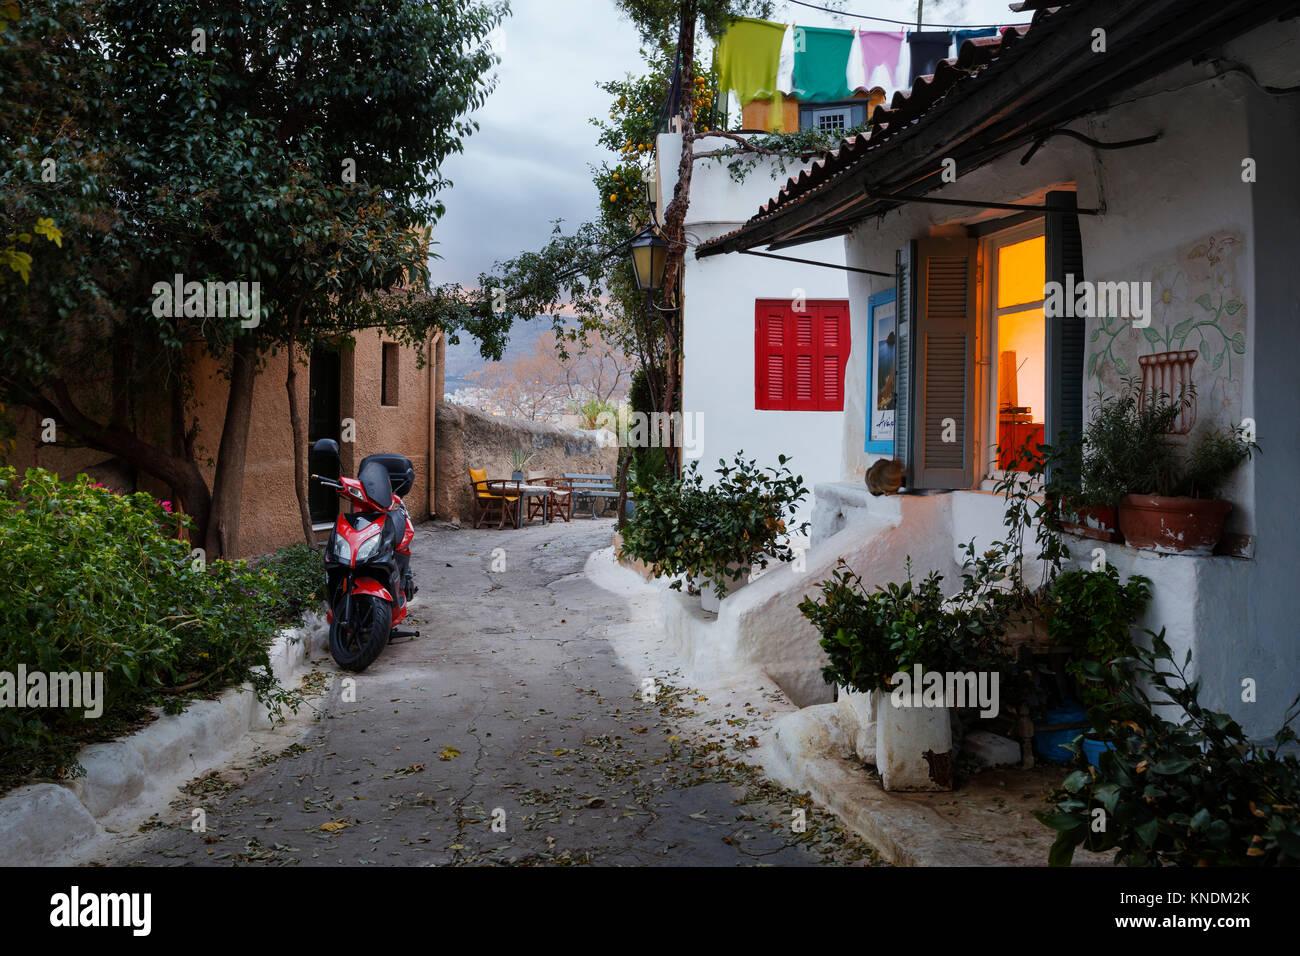 Anafiotika Nachbarschaft in der Altstadt von Athen, Griechenland. Stockbild